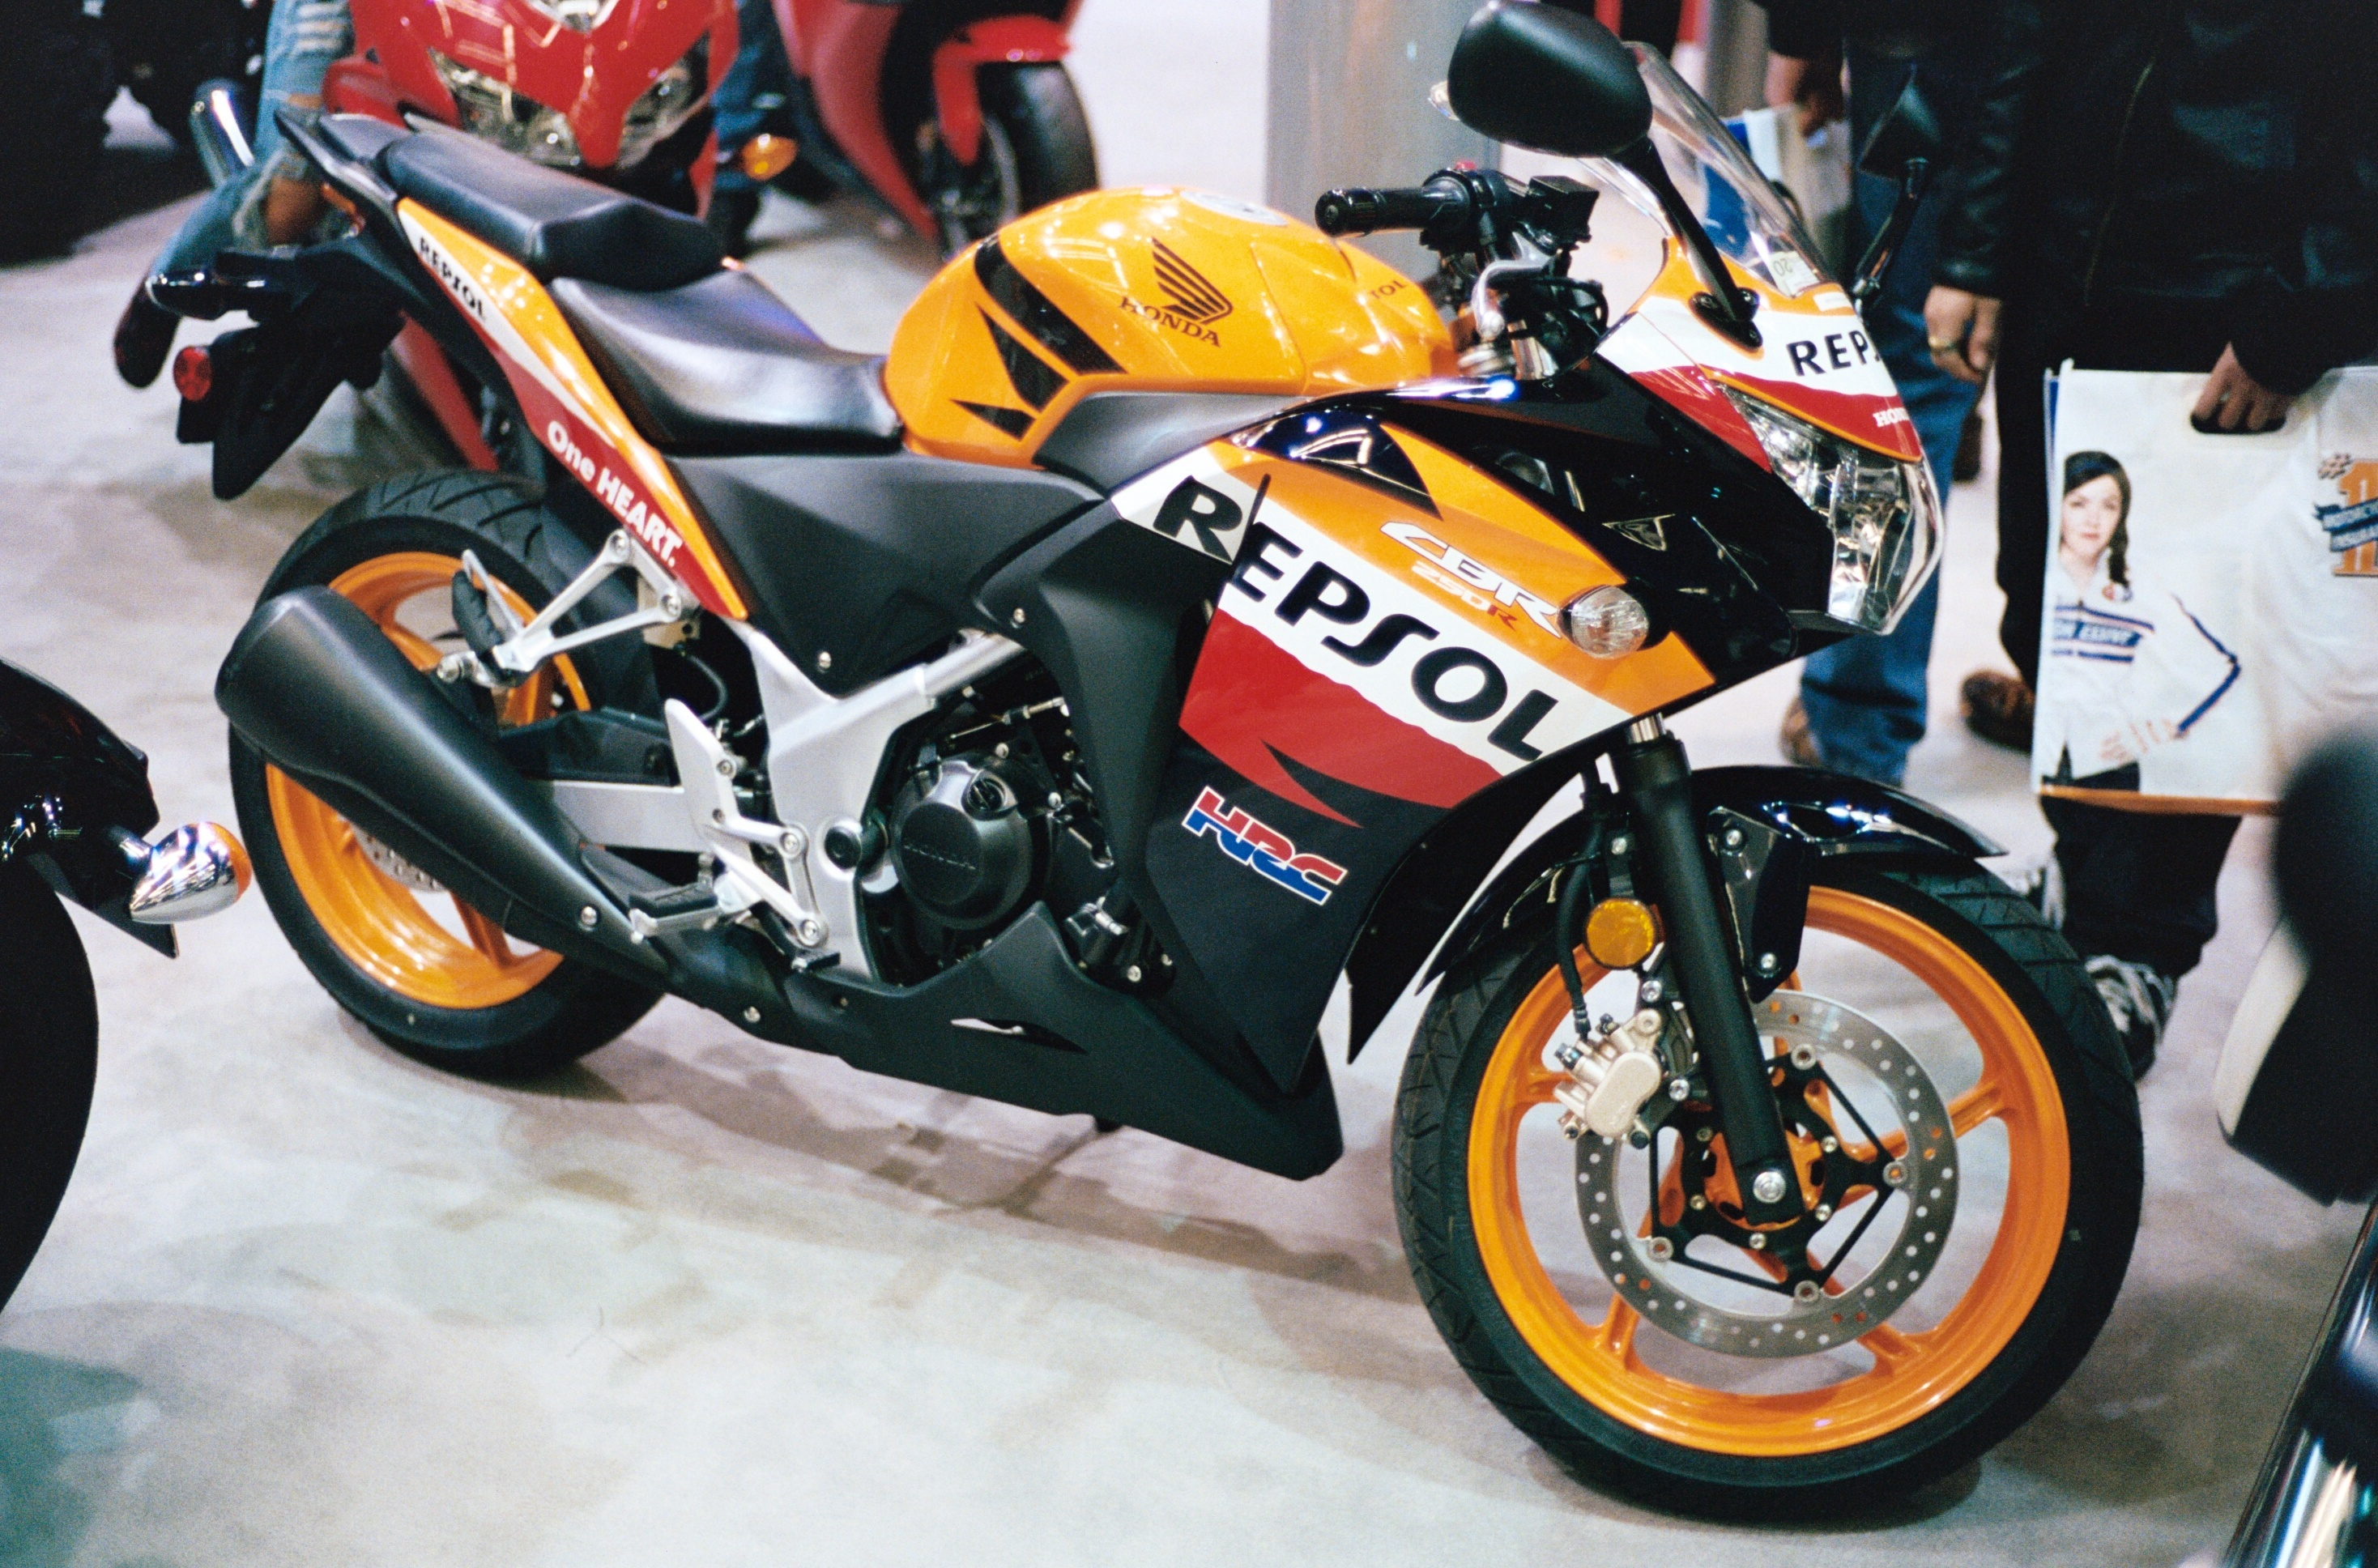 File:Honda CBR250R Repsol.JPG - Wikimedia Commons